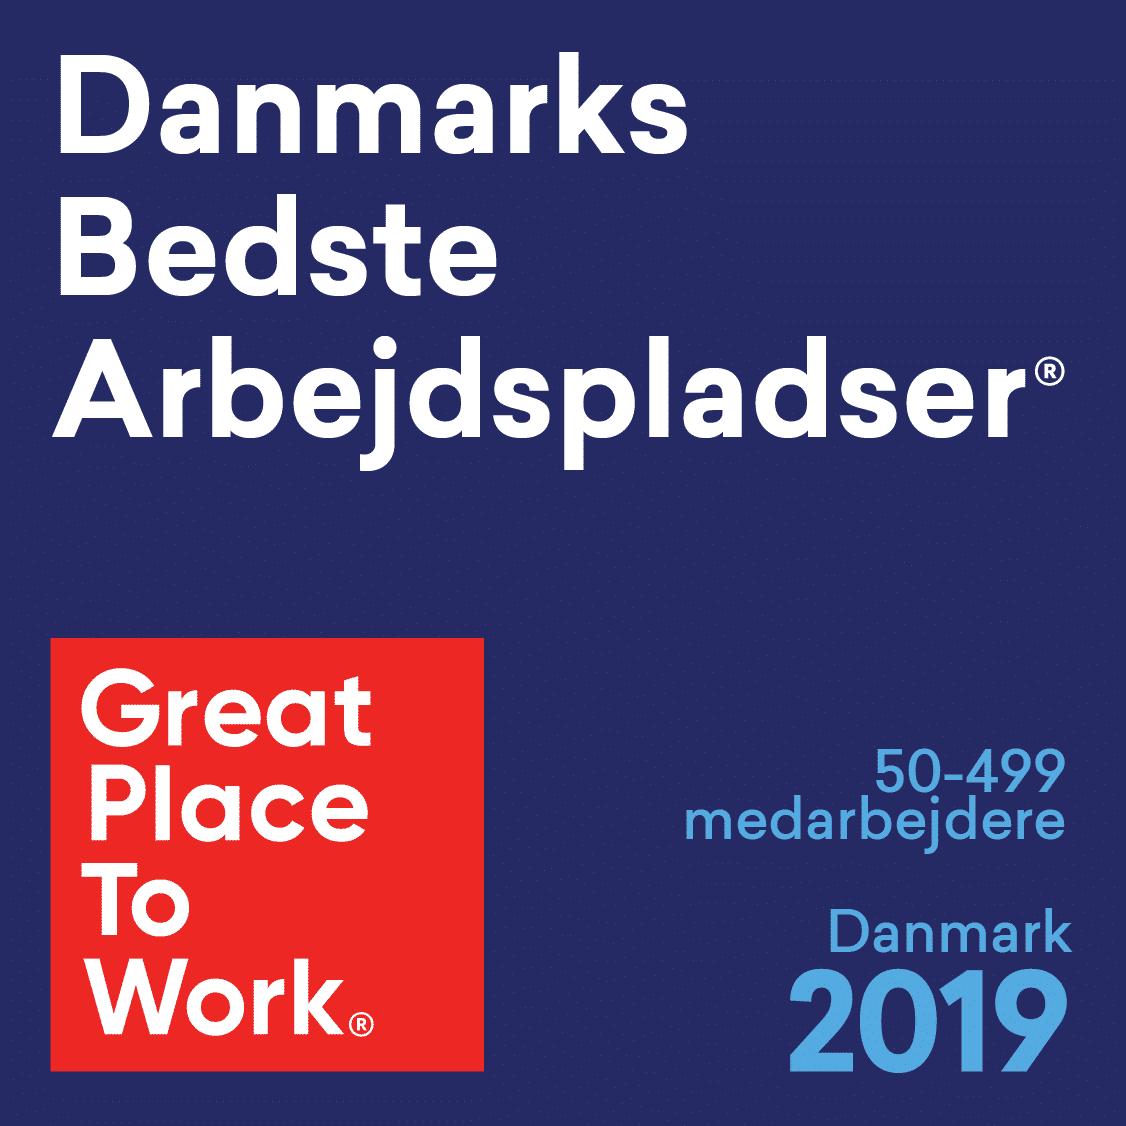 Danmarks-Bedste-Arbejdspladser-2019-50-til-499-medarbejdere